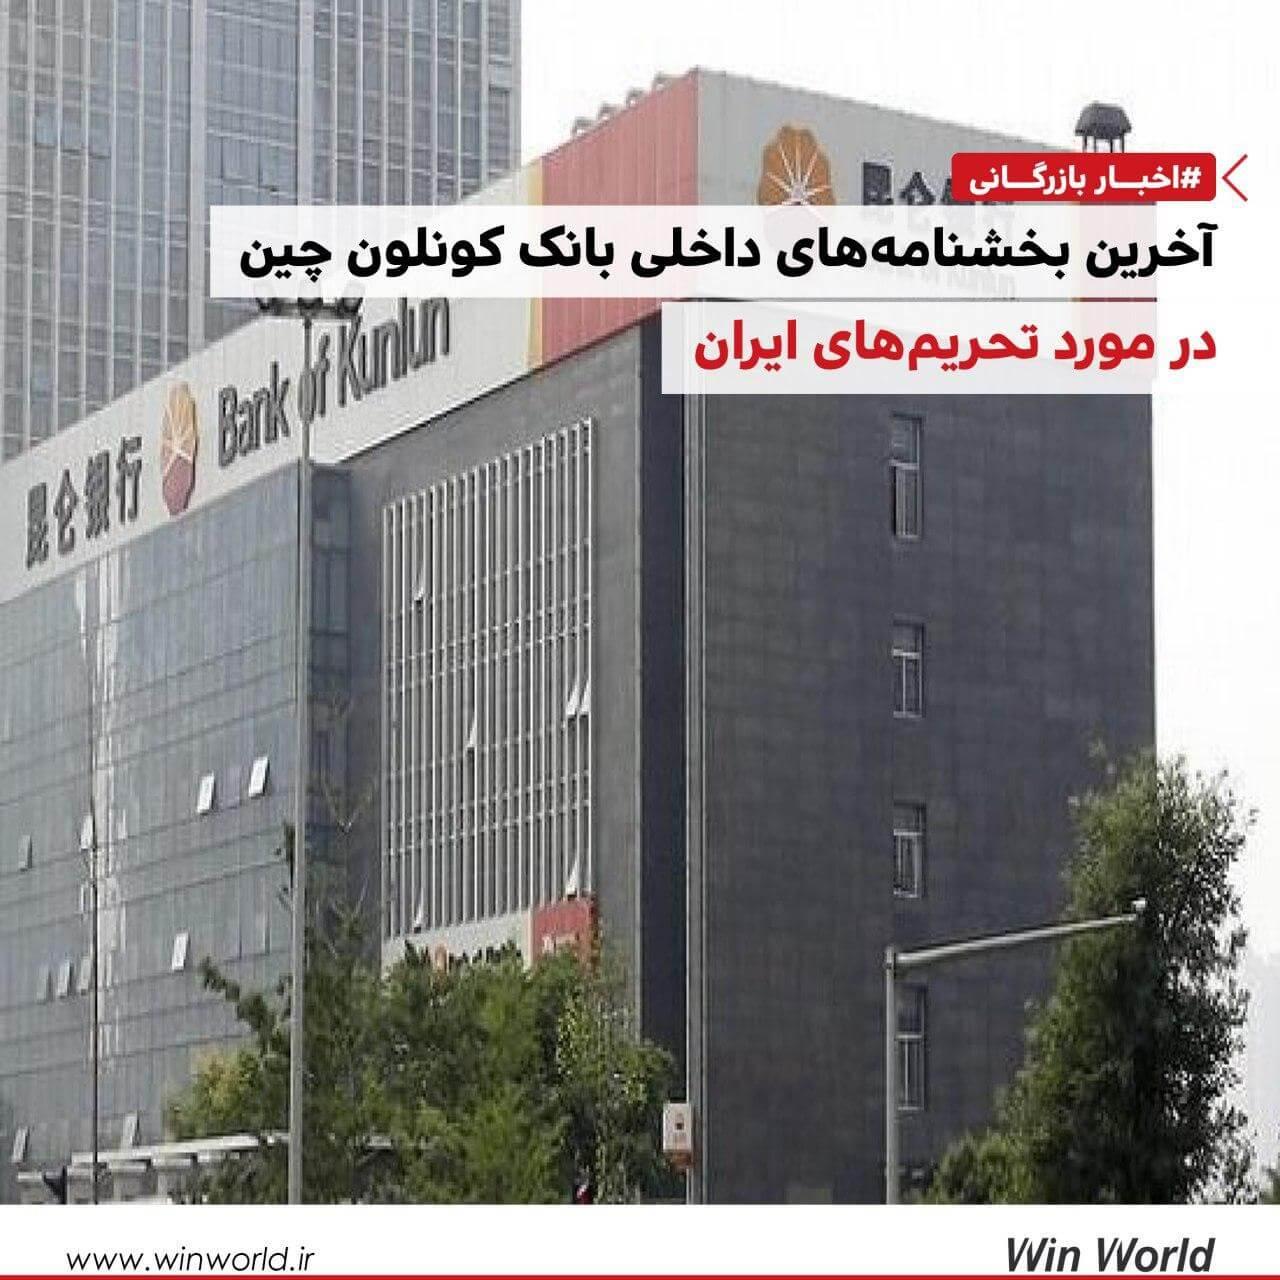 آخرین بخشنامههای داخلی بانک کونلون